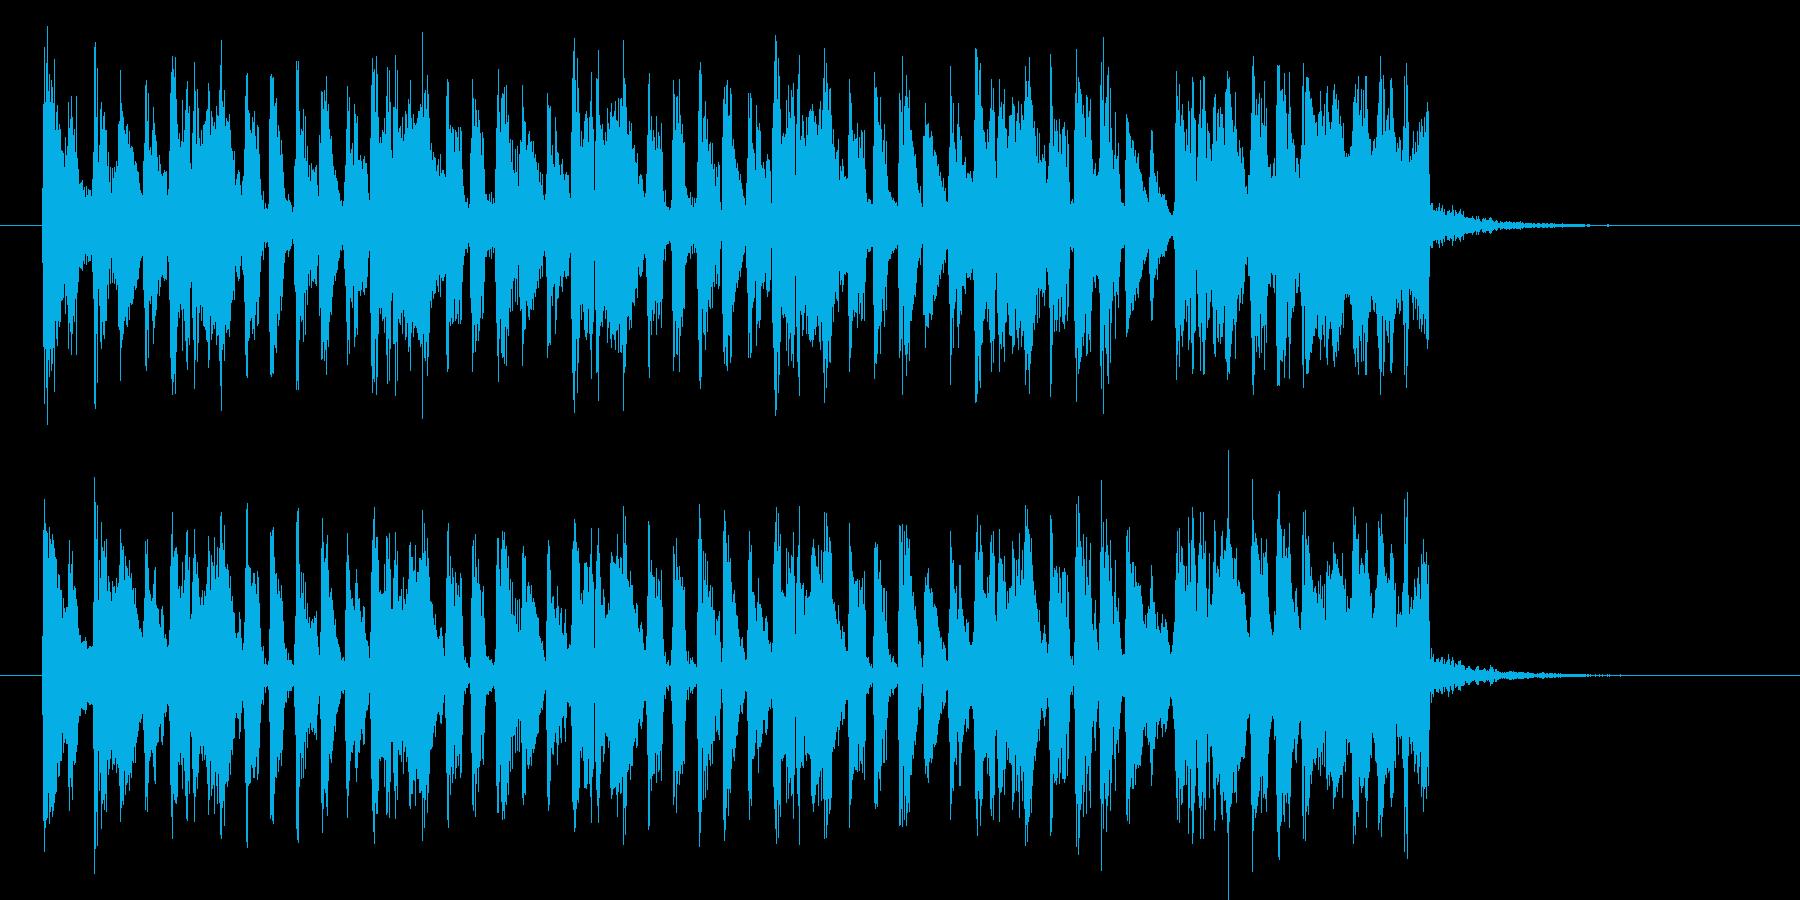 キャッチーでコミカルなポップジングルの再生済みの波形